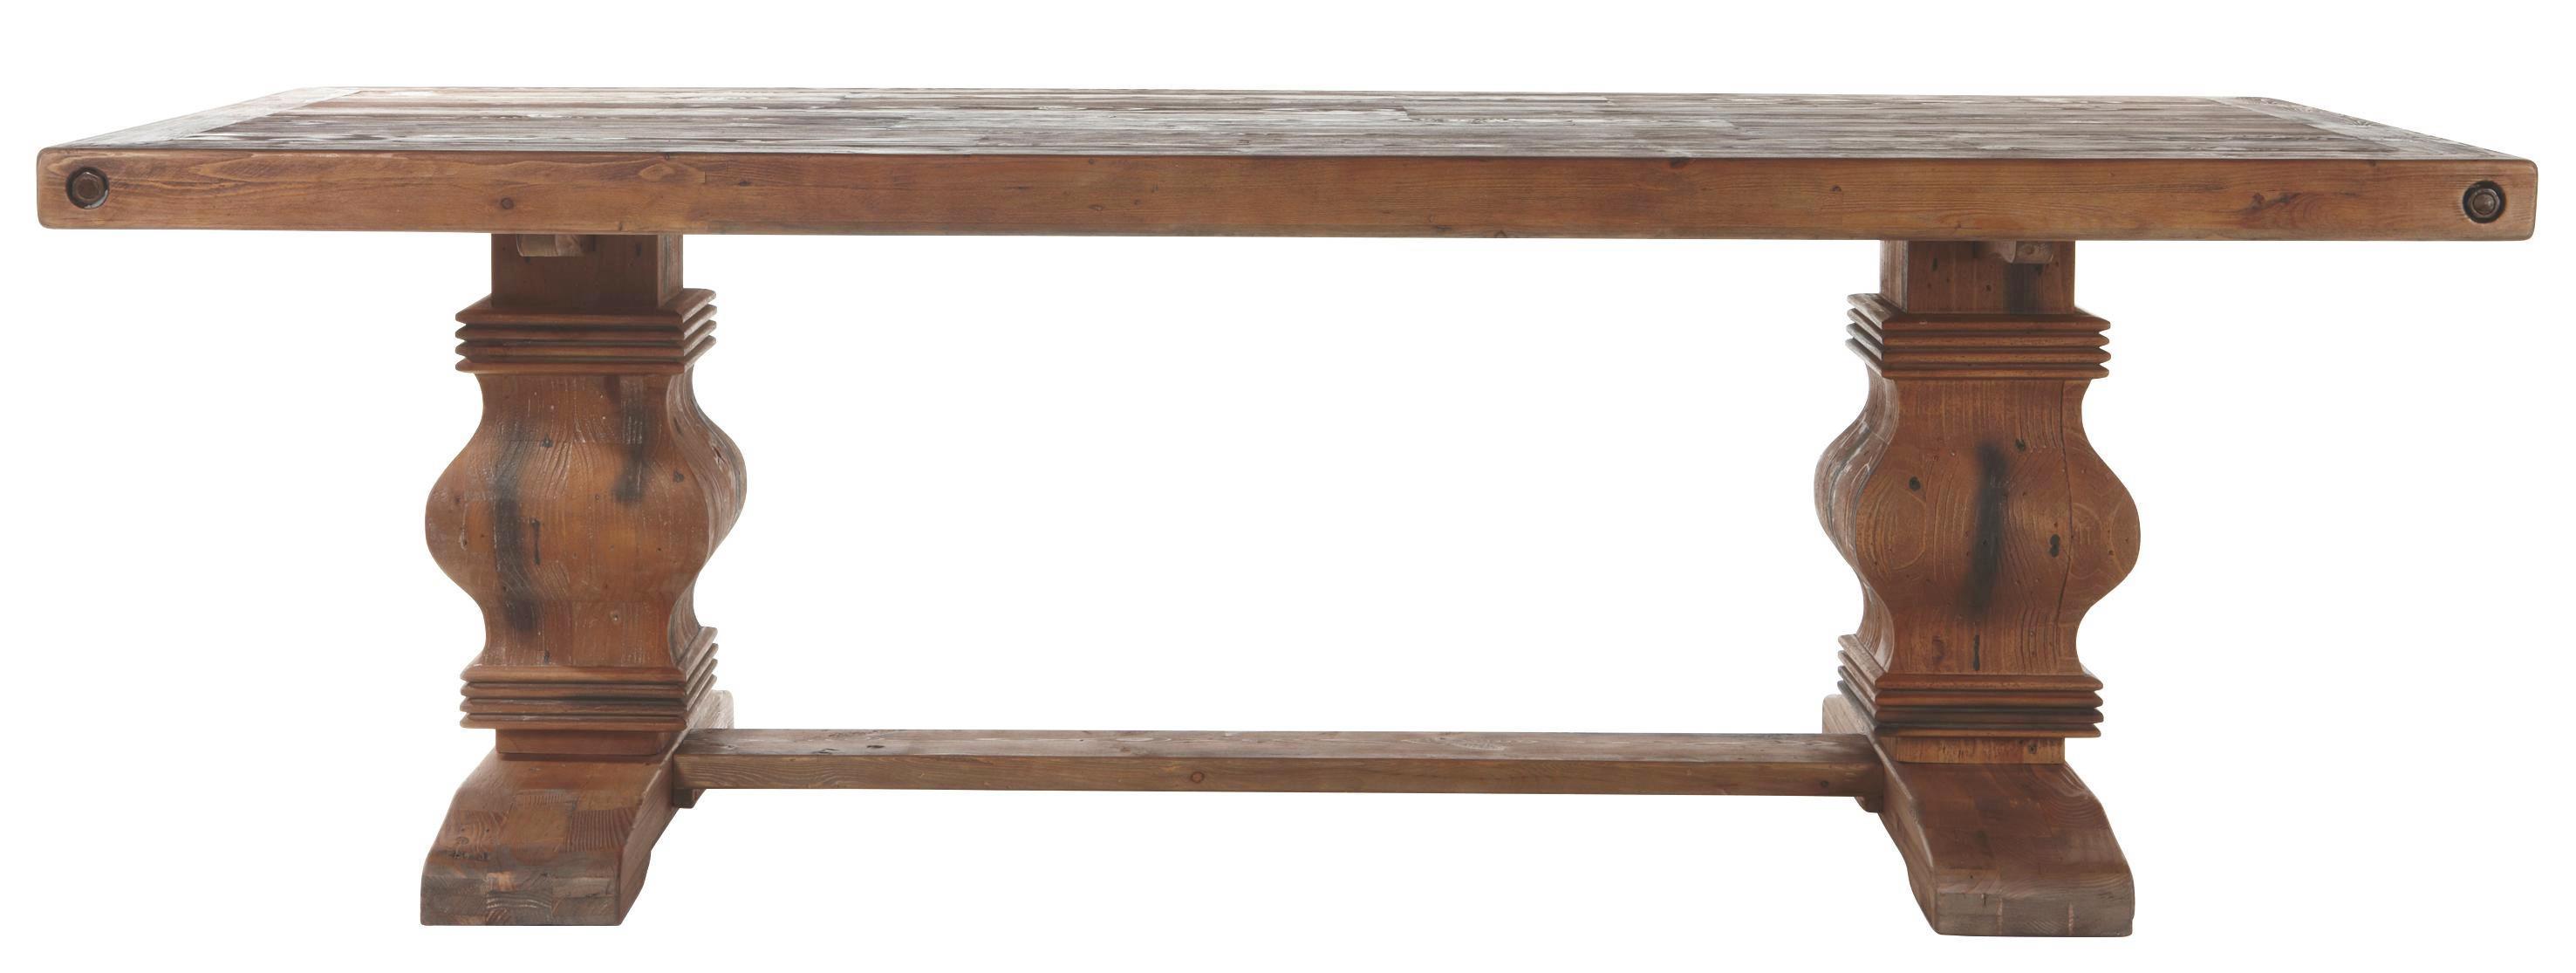 esstische echtholz cool zoom massivholz with esstische echtholz best home affaire tisch cisa. Black Bedroom Furniture Sets. Home Design Ideas